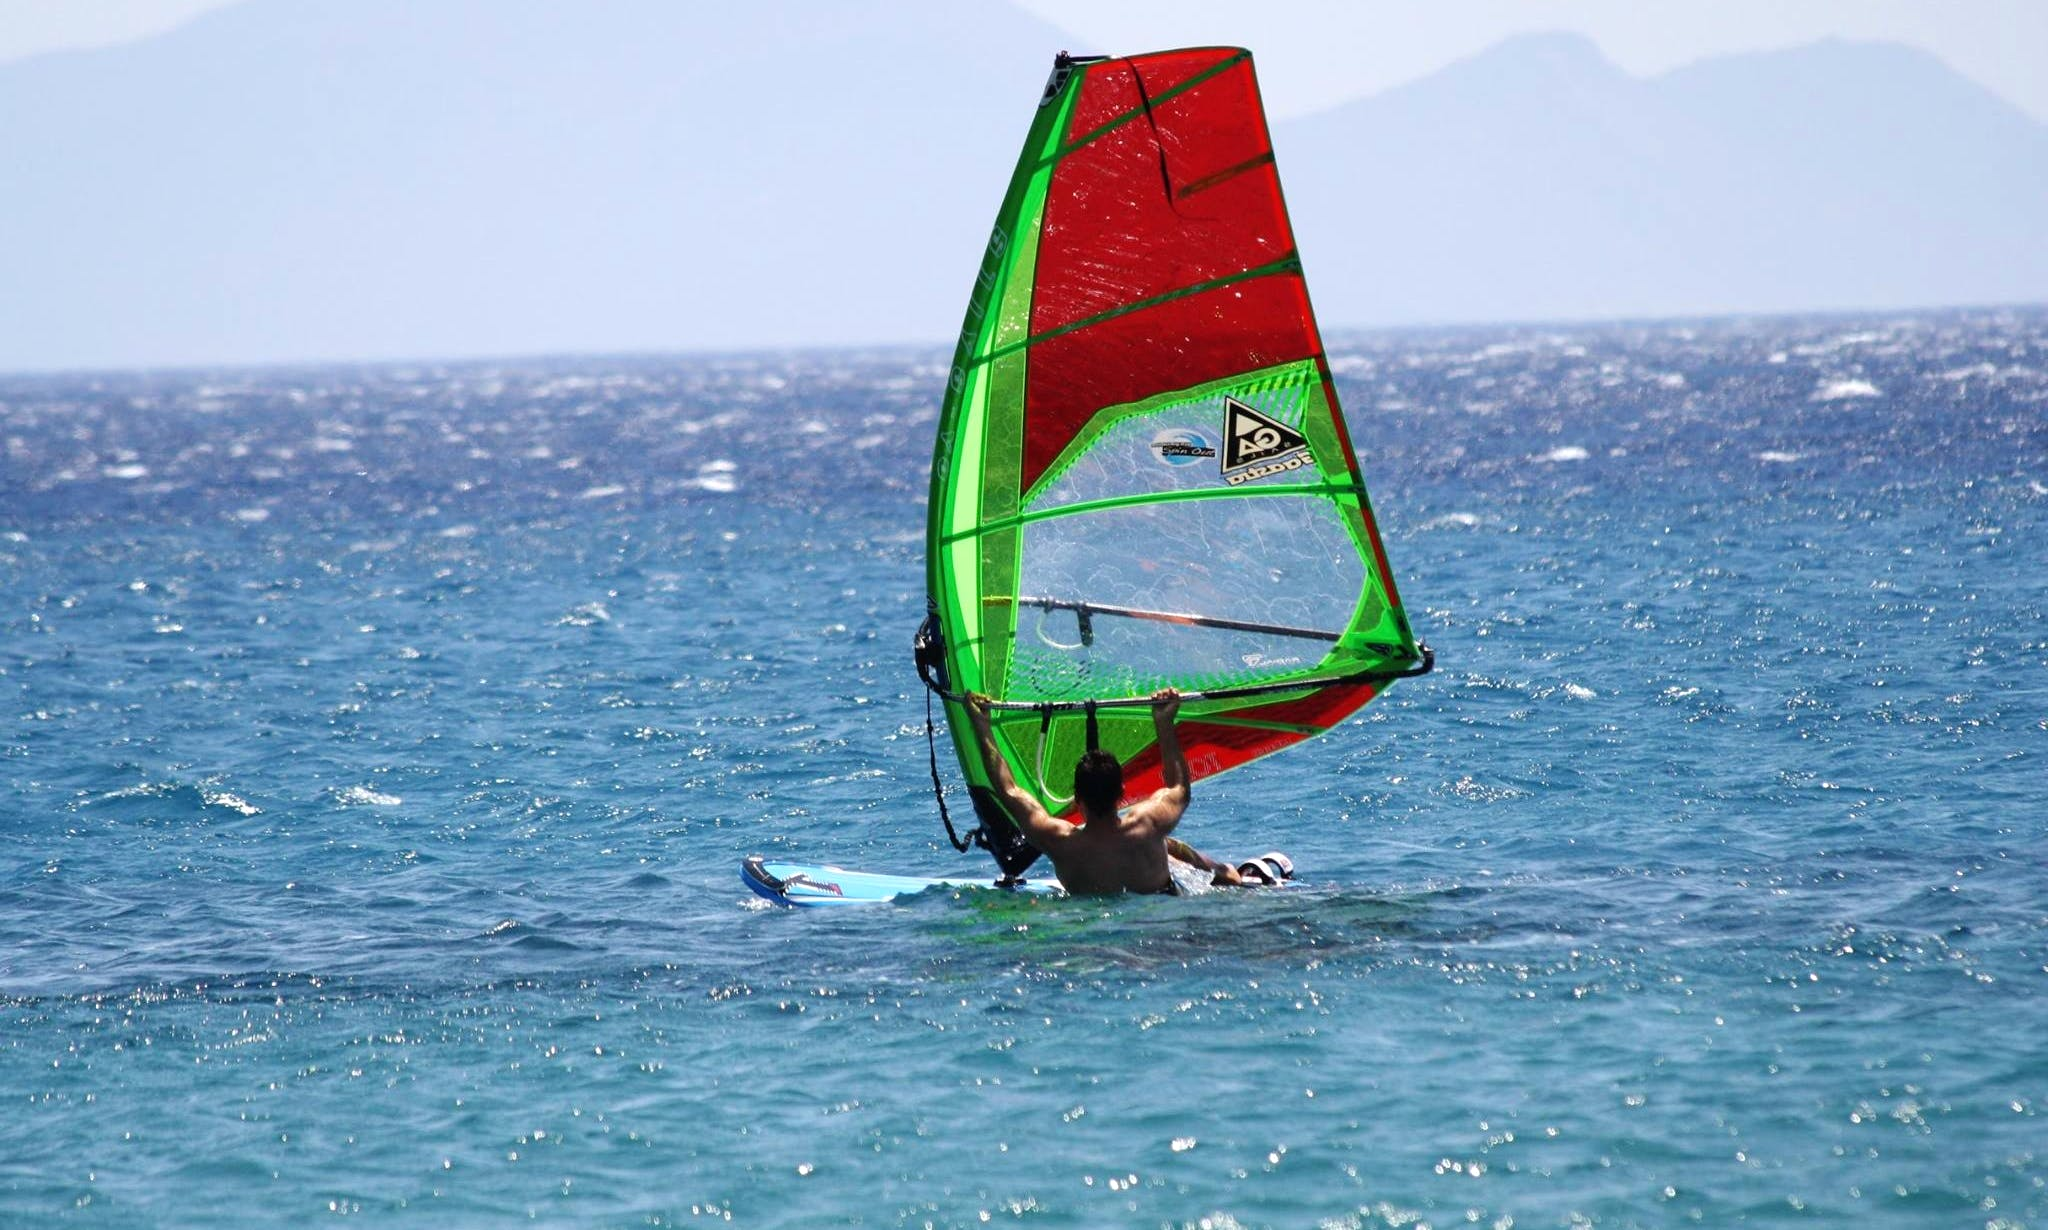 Windsurfing in Kos, Greece